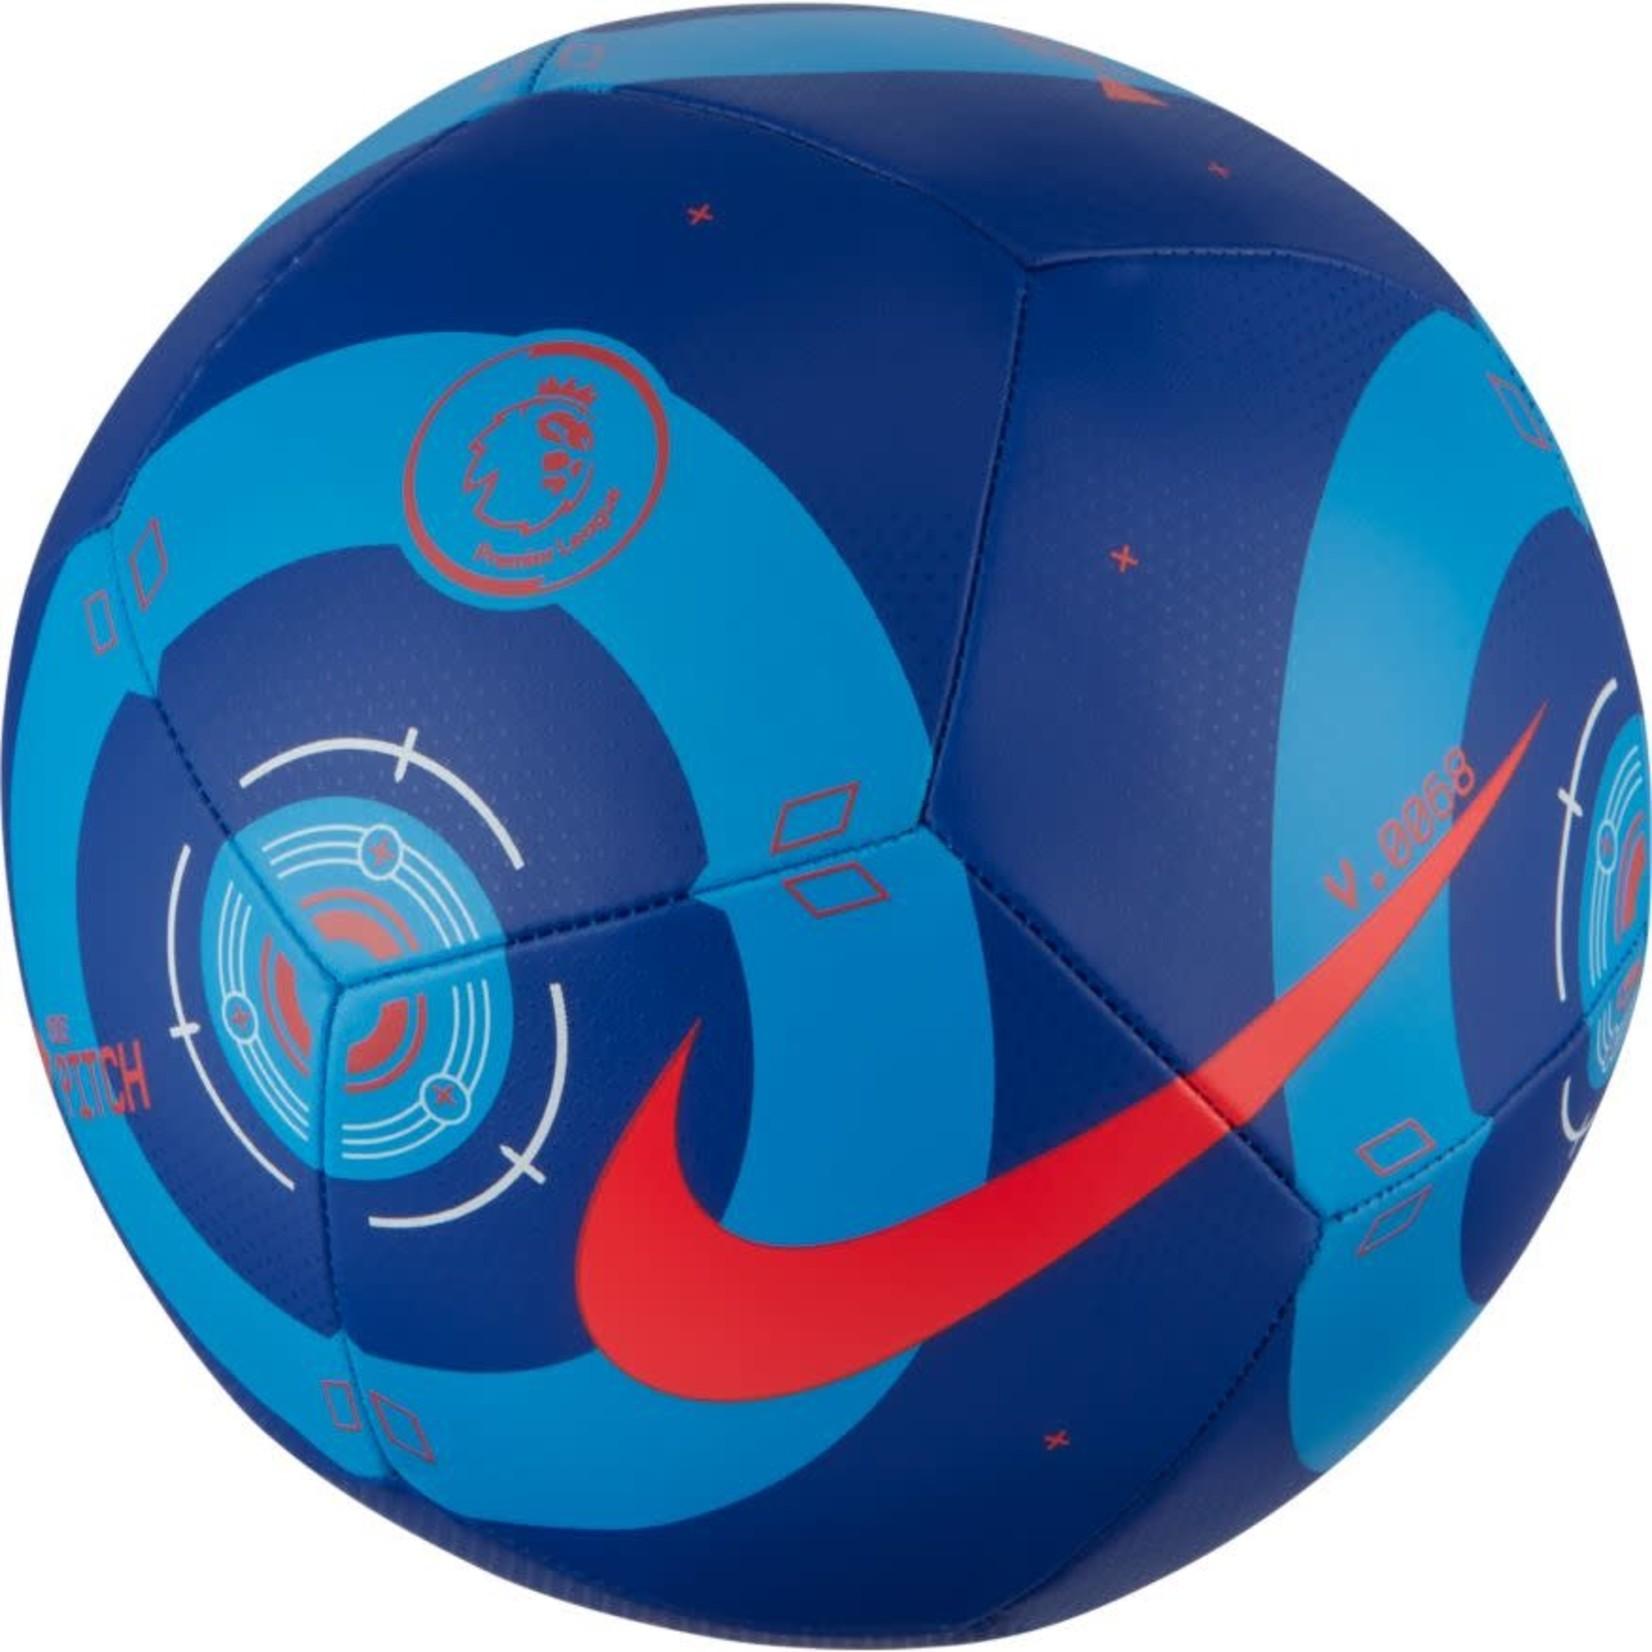 NIKE PREMIER LEAGUE PITCH BALL 20/21 (BLUE/BLUE/CRIMSON)